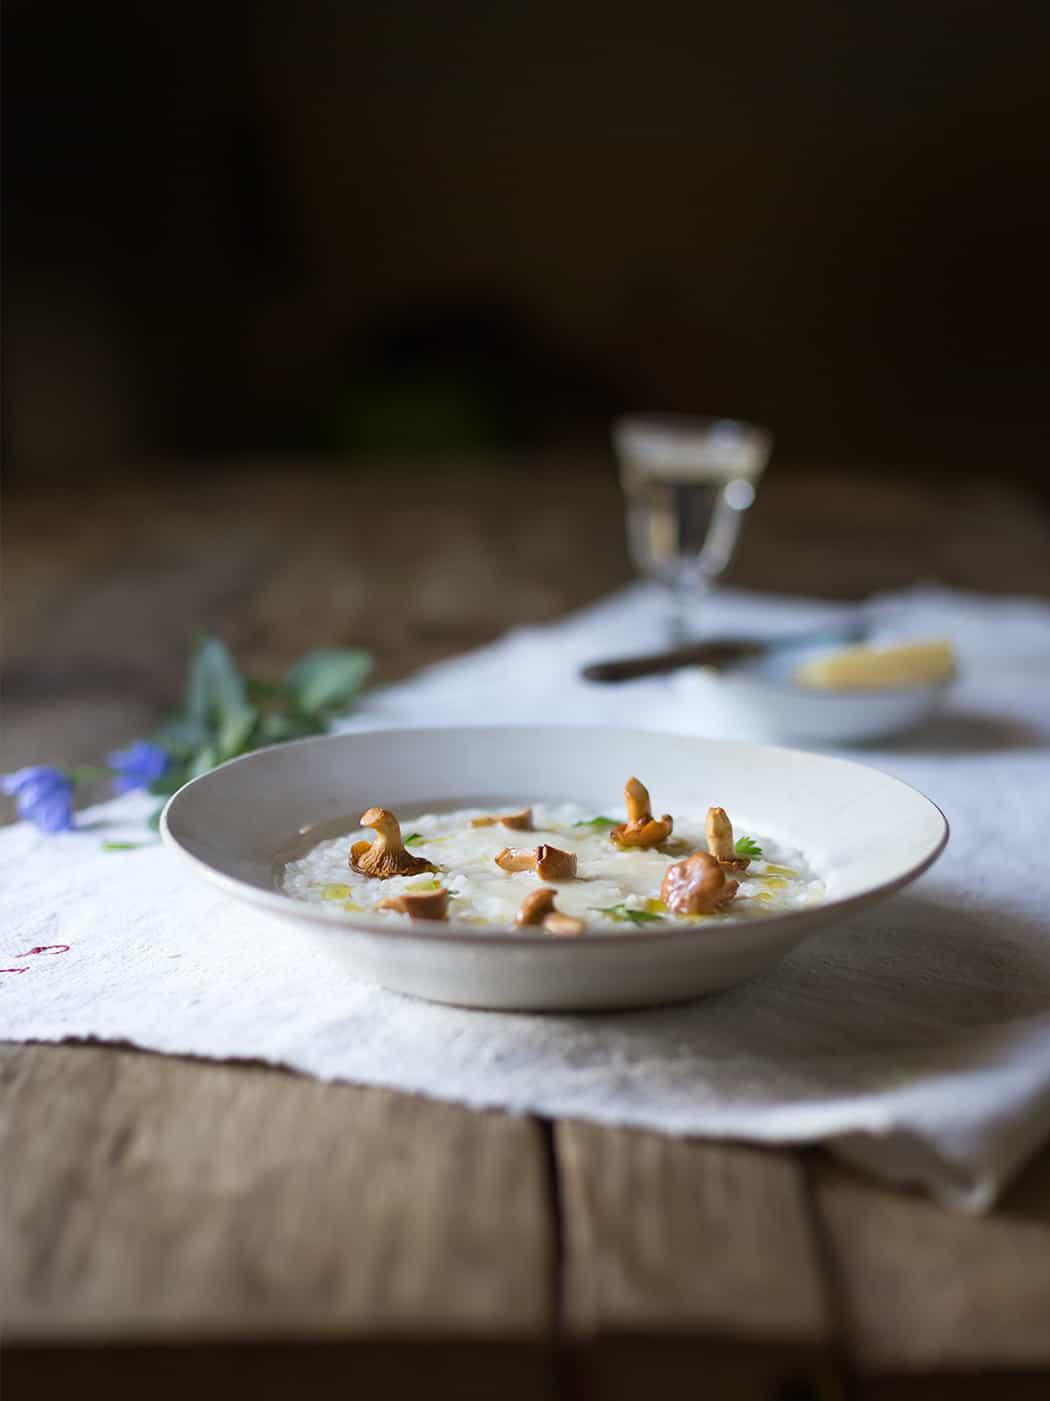 ricetta risotto con formaggio Montasio e funghi